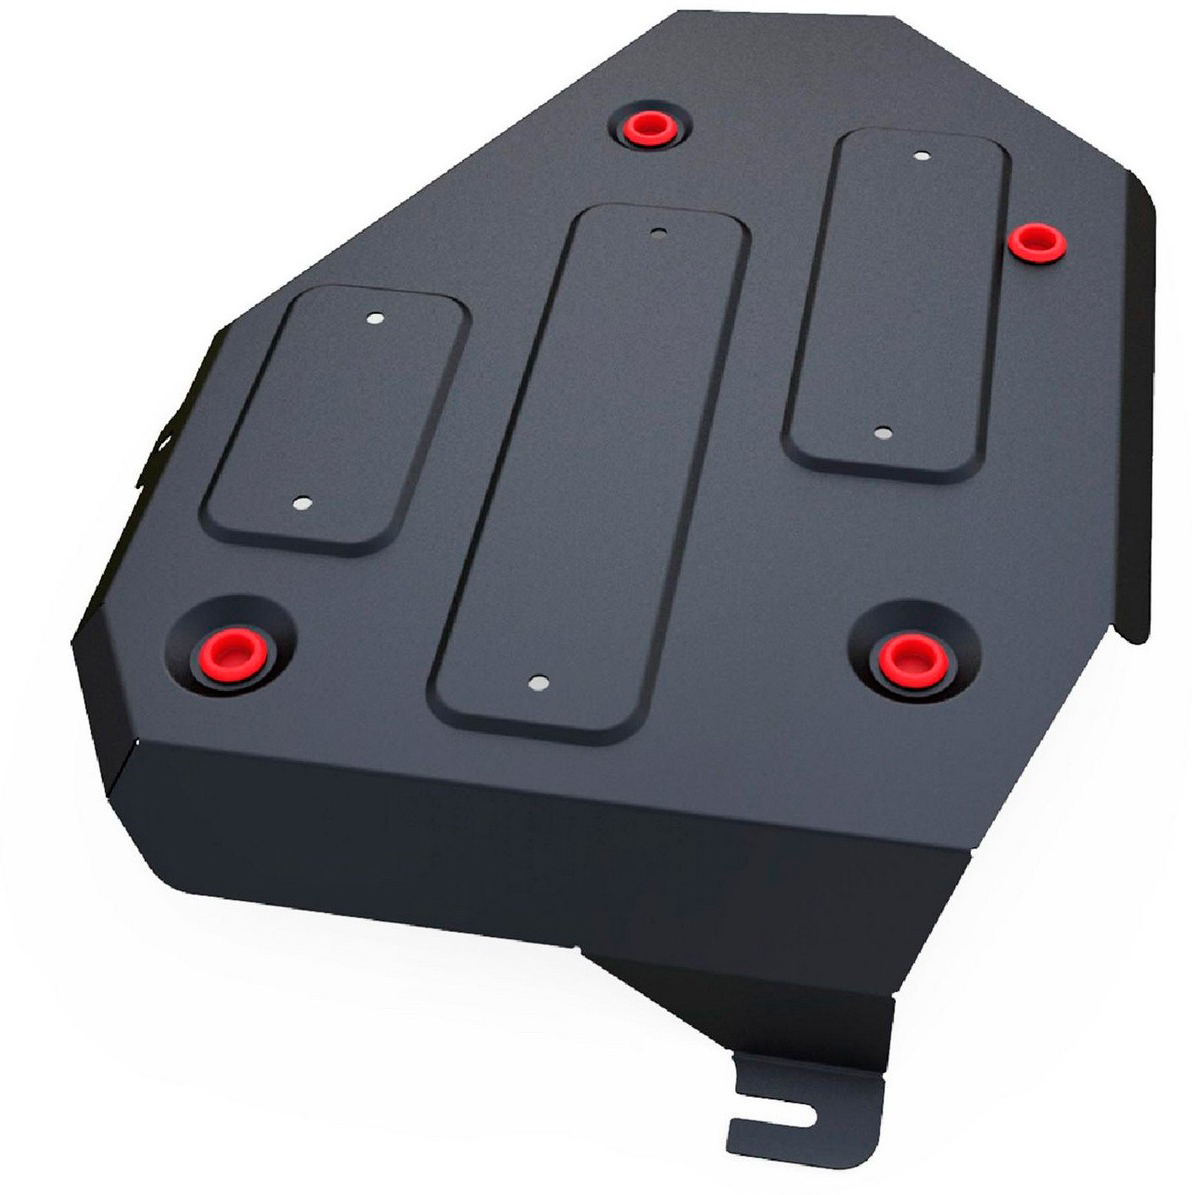 Защита топливного бака Автоброня Kia Sorento Prime 2015-, сталь 2 мм111.02833.1Защита топливного бака Автоброня Kia Sorento Prime 4WD, V- 2,2CRDi; 2,4i; 3,3i 2015-, сталь 2 мм, комплект крепежа, 111.02833.1Стальные защиты Автоброня надежно защищают ваш автомобиль от повреждений при наезде на бордюры, выступающие канализационные люки, кромки поврежденного асфальта или при ремонте дорог, не говоря уже о загородных дорогах. - Имеют оптимальное соотношение цена-качество. - Спроектированы с учетом особенностей автомобиля, что делает установку удобной. - Защита устанавливается в штатные места кузова автомобиля. - Является надежной защитой для важных элементов на протяжении долгих лет. - Глубокий штамп дополнительно усиливает конструкцию защиты. - Подштамповка в местах крепления защищает крепеж от срезания. - Технологические отверстия там, где они необходимы для смены масла и слива воды, оборудованные заглушками, закрепленными на защите. Толщина стали 2 мм. В комплекте крепеж и инструкция по установке.Уважаемые клиенты! Обращаем ваше внимание на тот факт, что защита имеет форму, соответствующую модели данного автомобиля. Наличие глубокого штампа и лючков для смены фильтров/масла предусмотрено не на всех защитах. Фото служит для визуального восприятия товара.